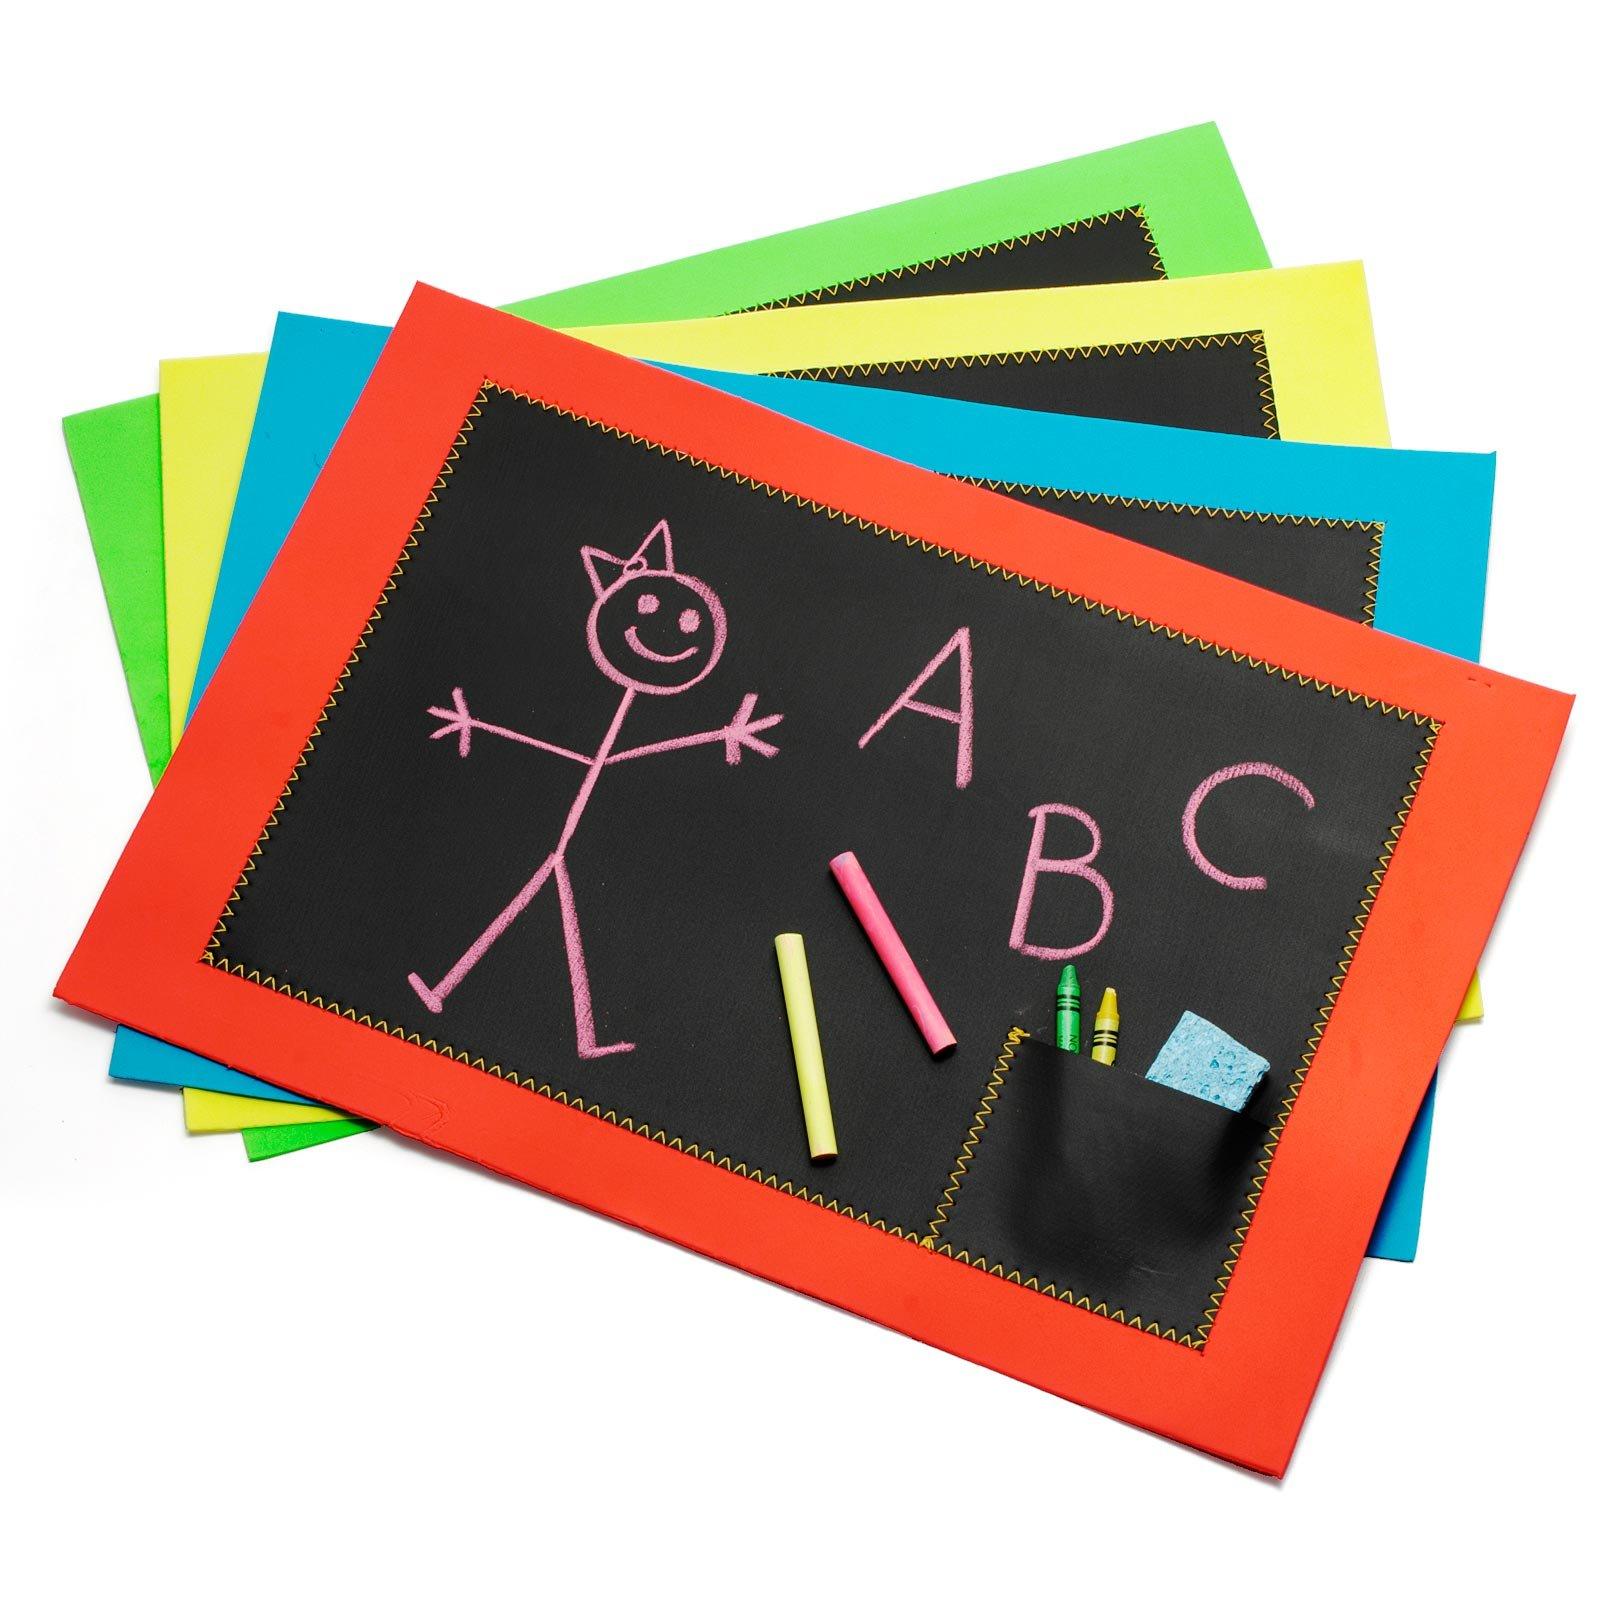 Chalkboard Chalkboard Placemats Set Of 4 Blackboard Chalk Kids Drawing